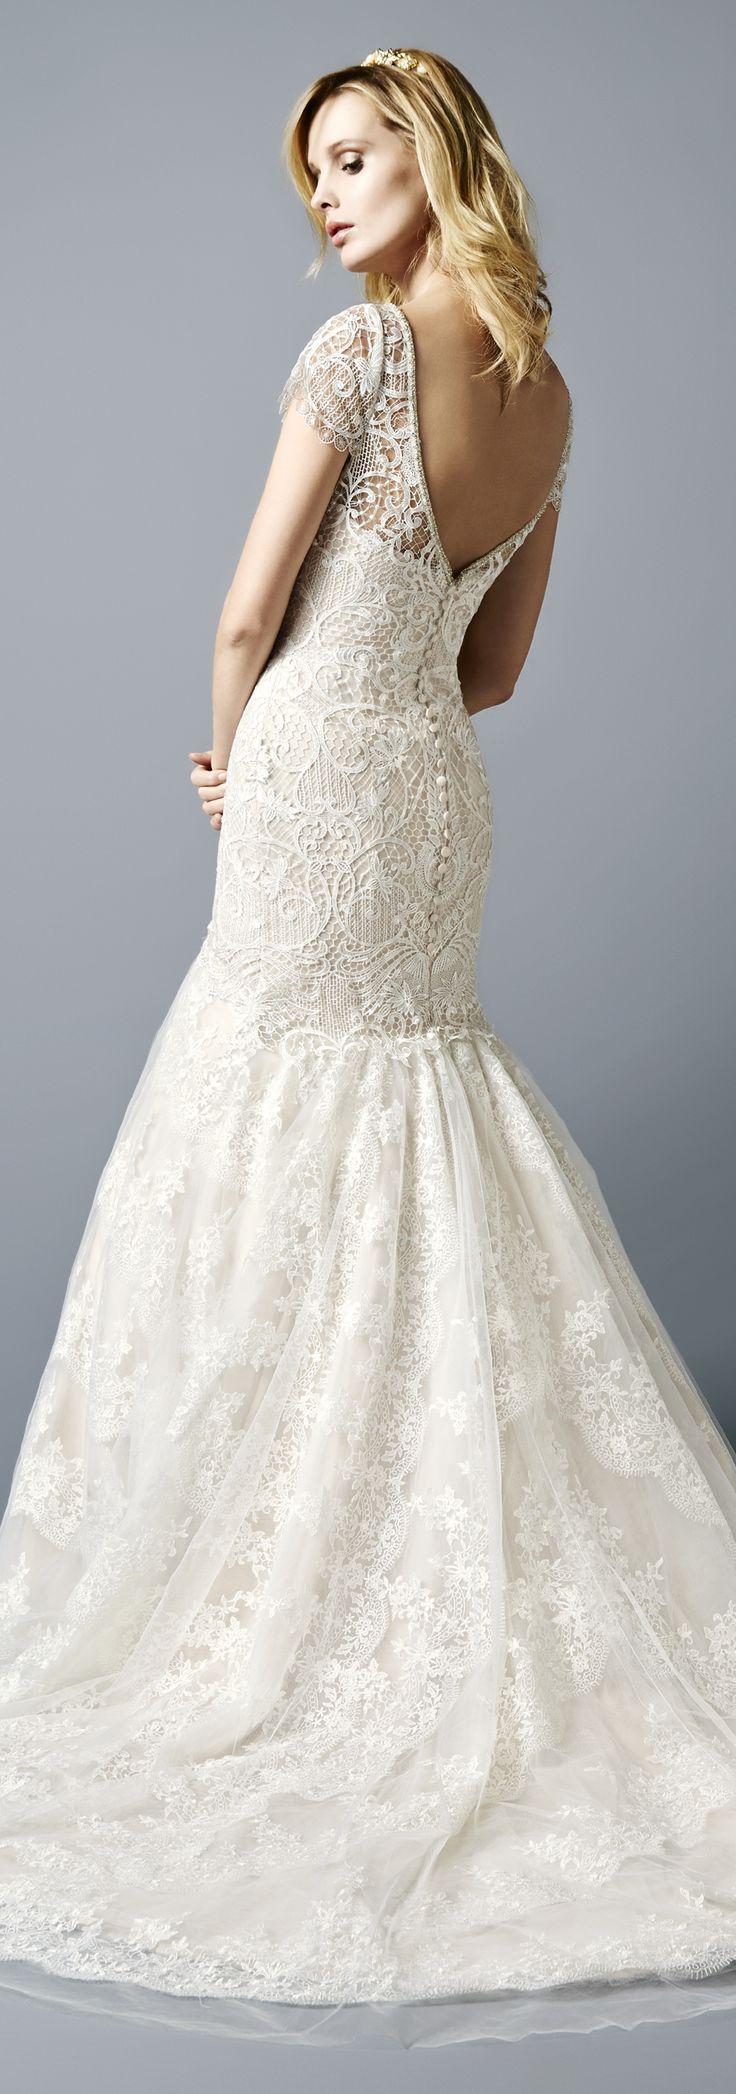 12 best val stefani moonlight images on pinterest for Vegas style wedding dresses